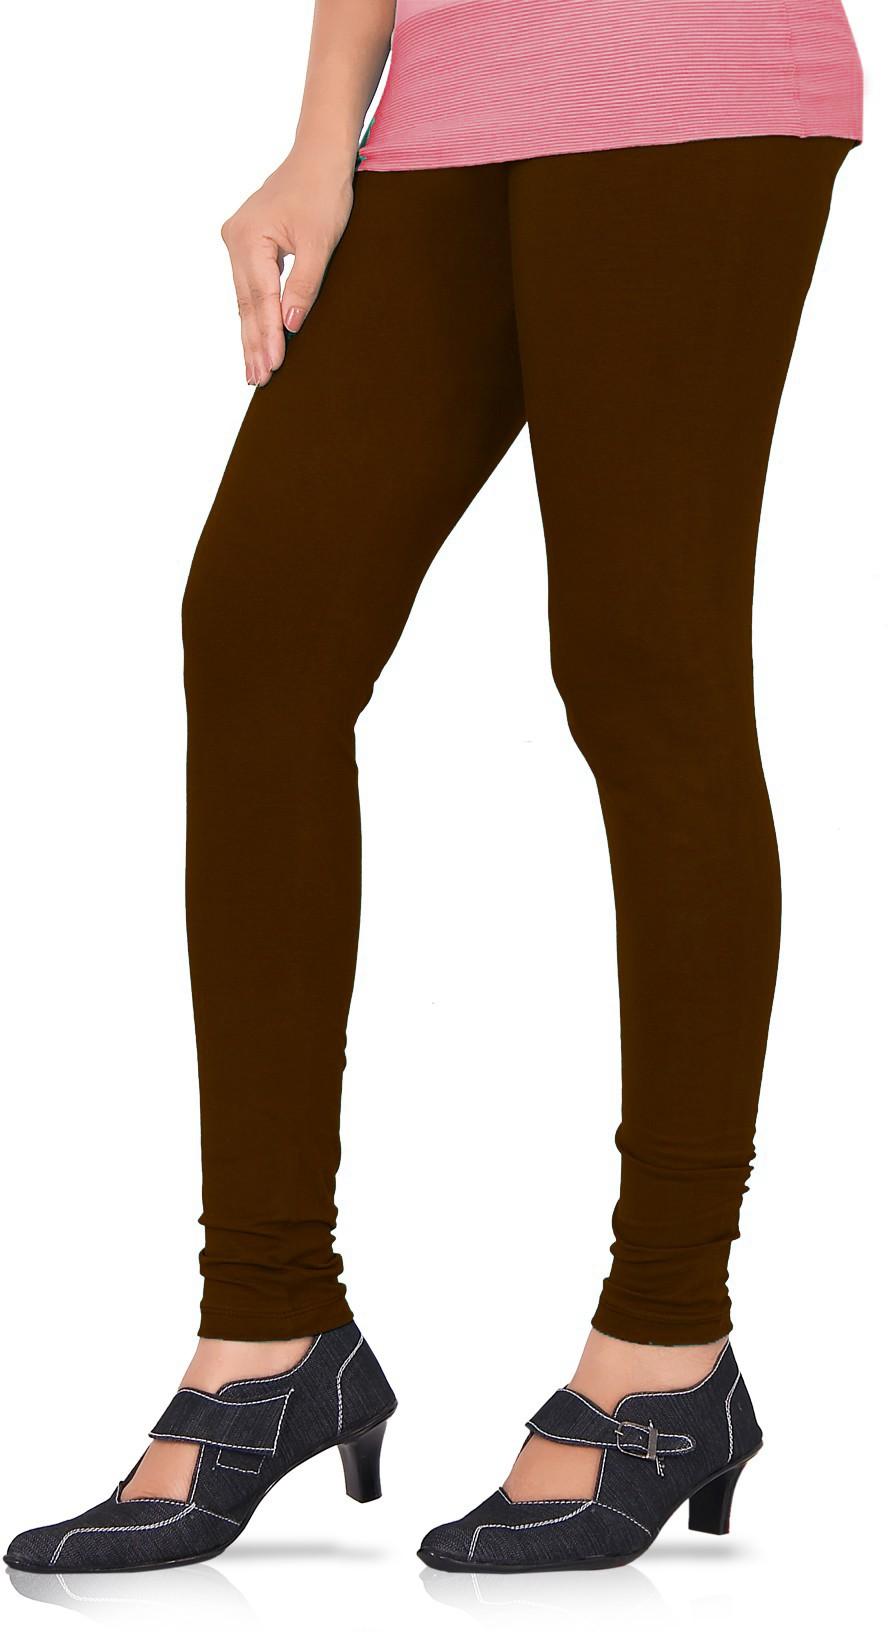 Panno Womens Brown Leggings